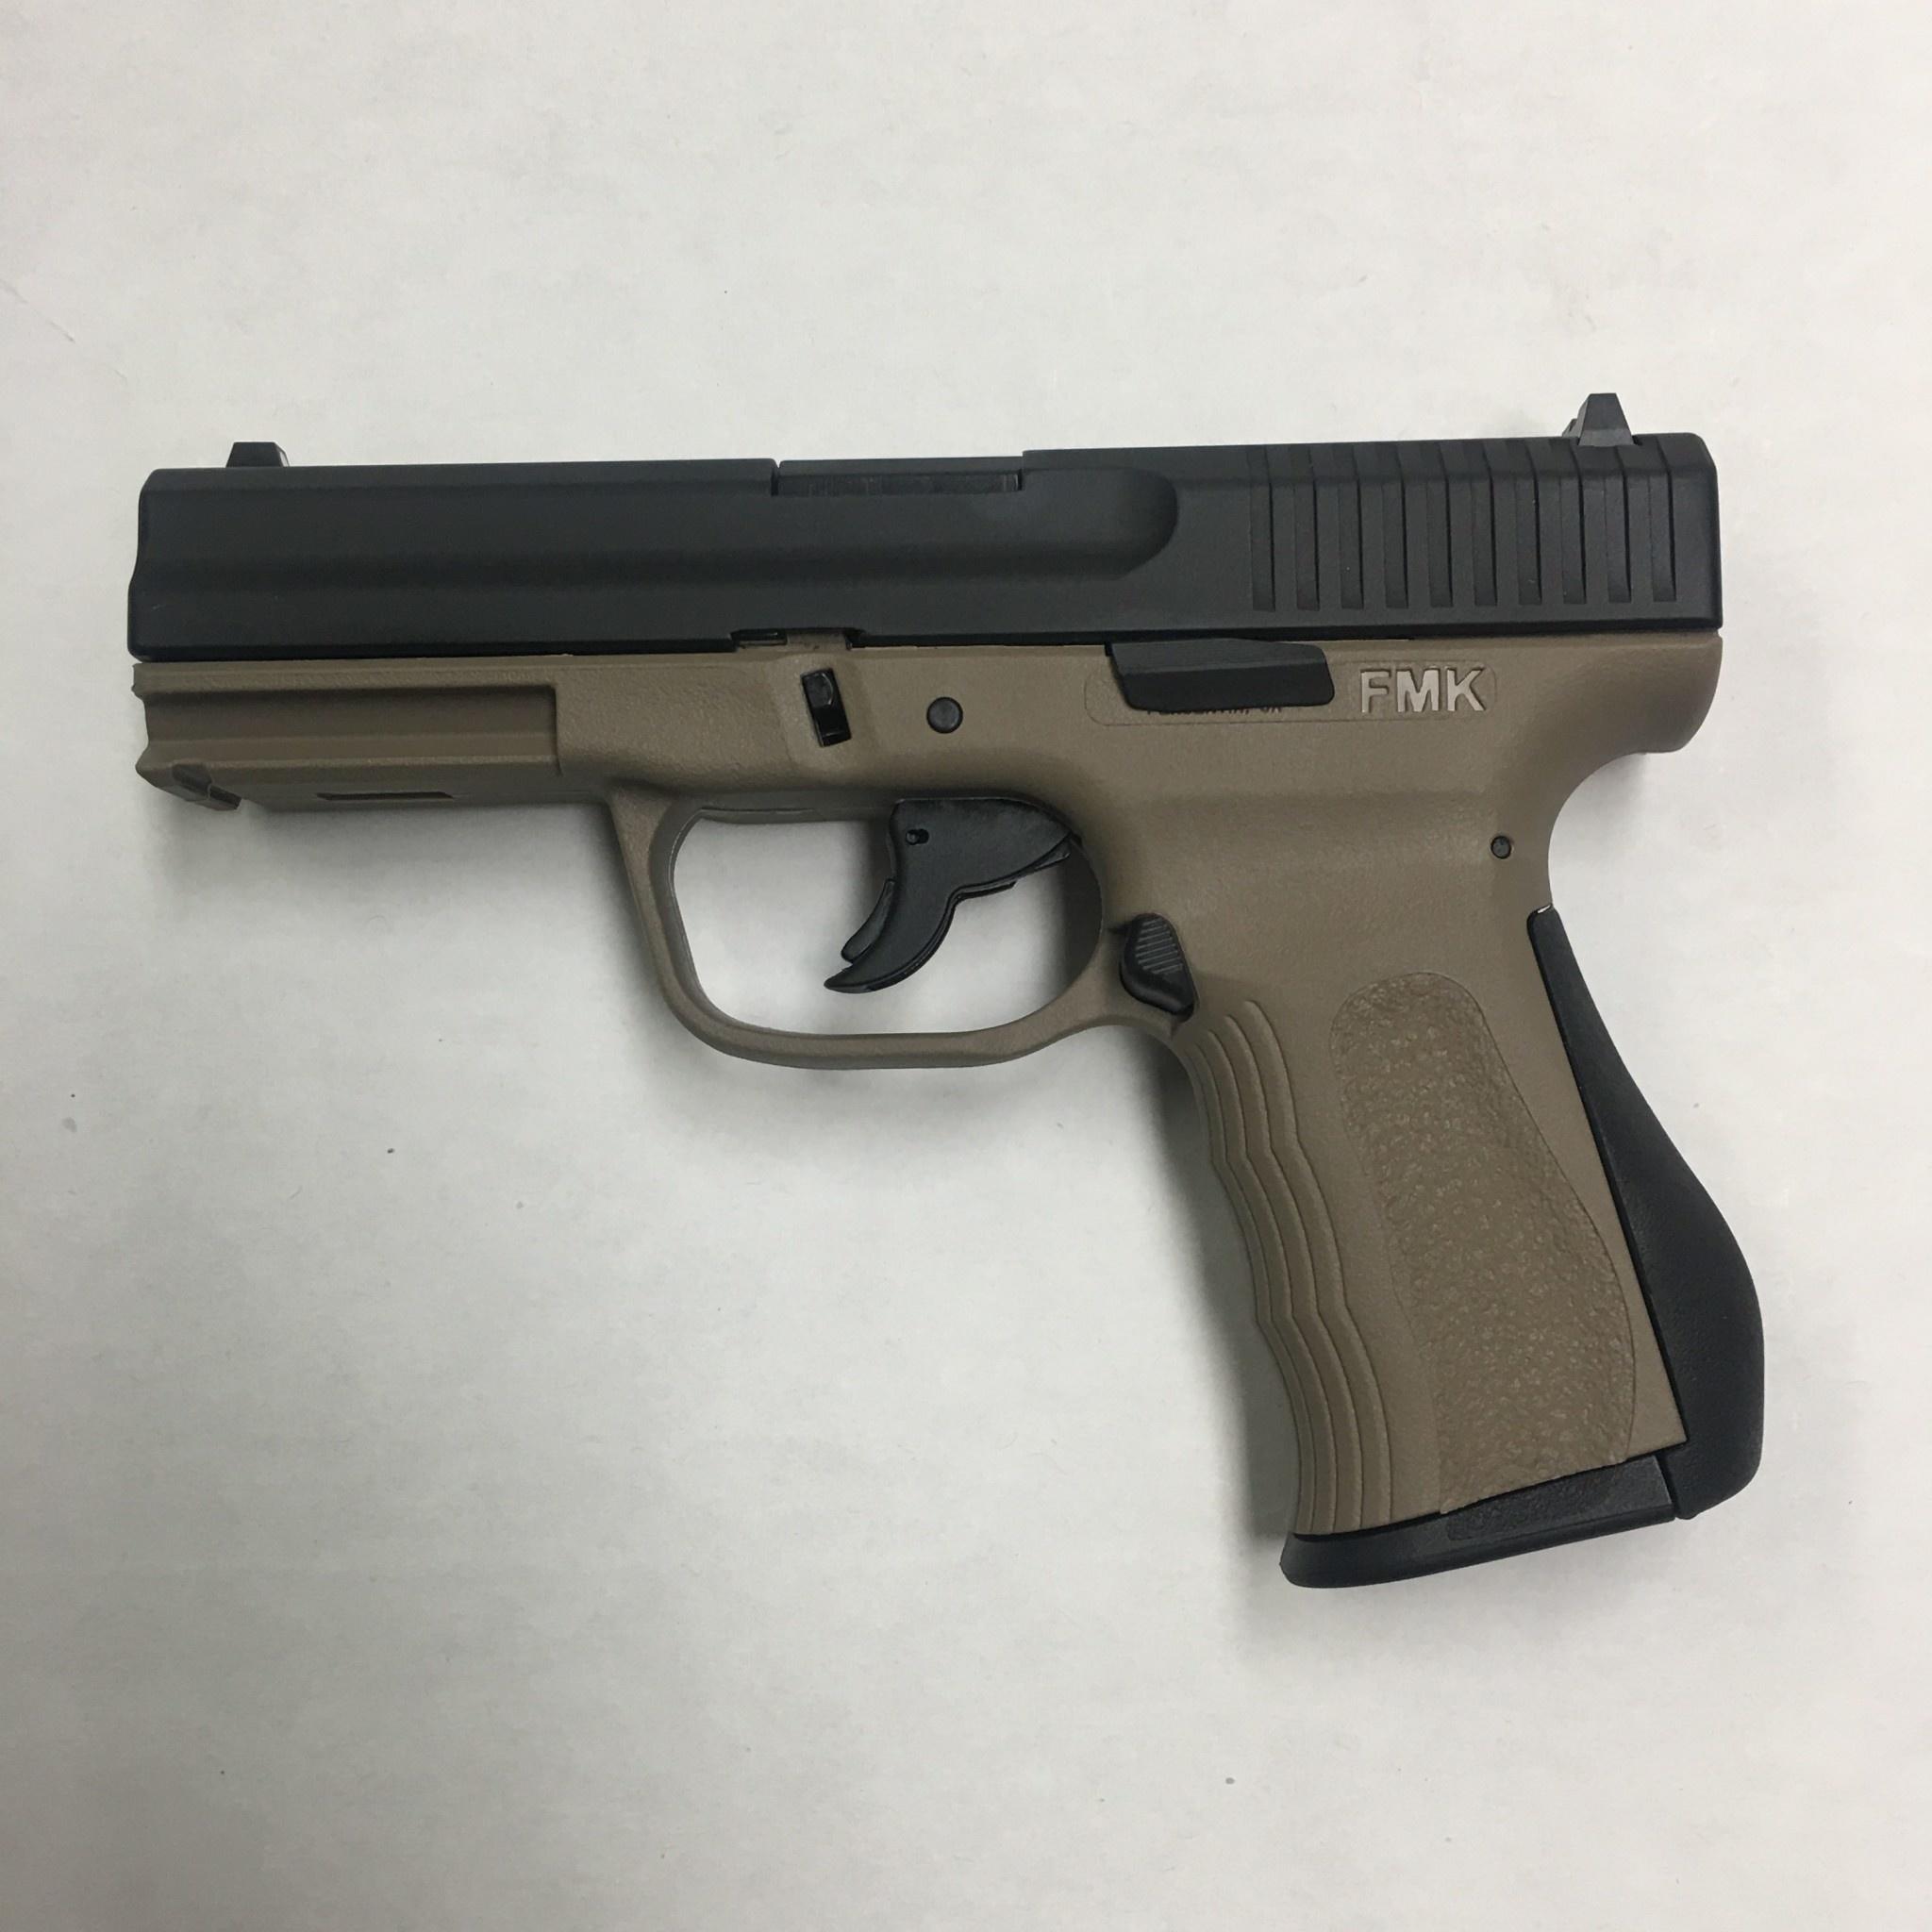 FMK Firearms 9C1 G2 FDE Pistol 9MM